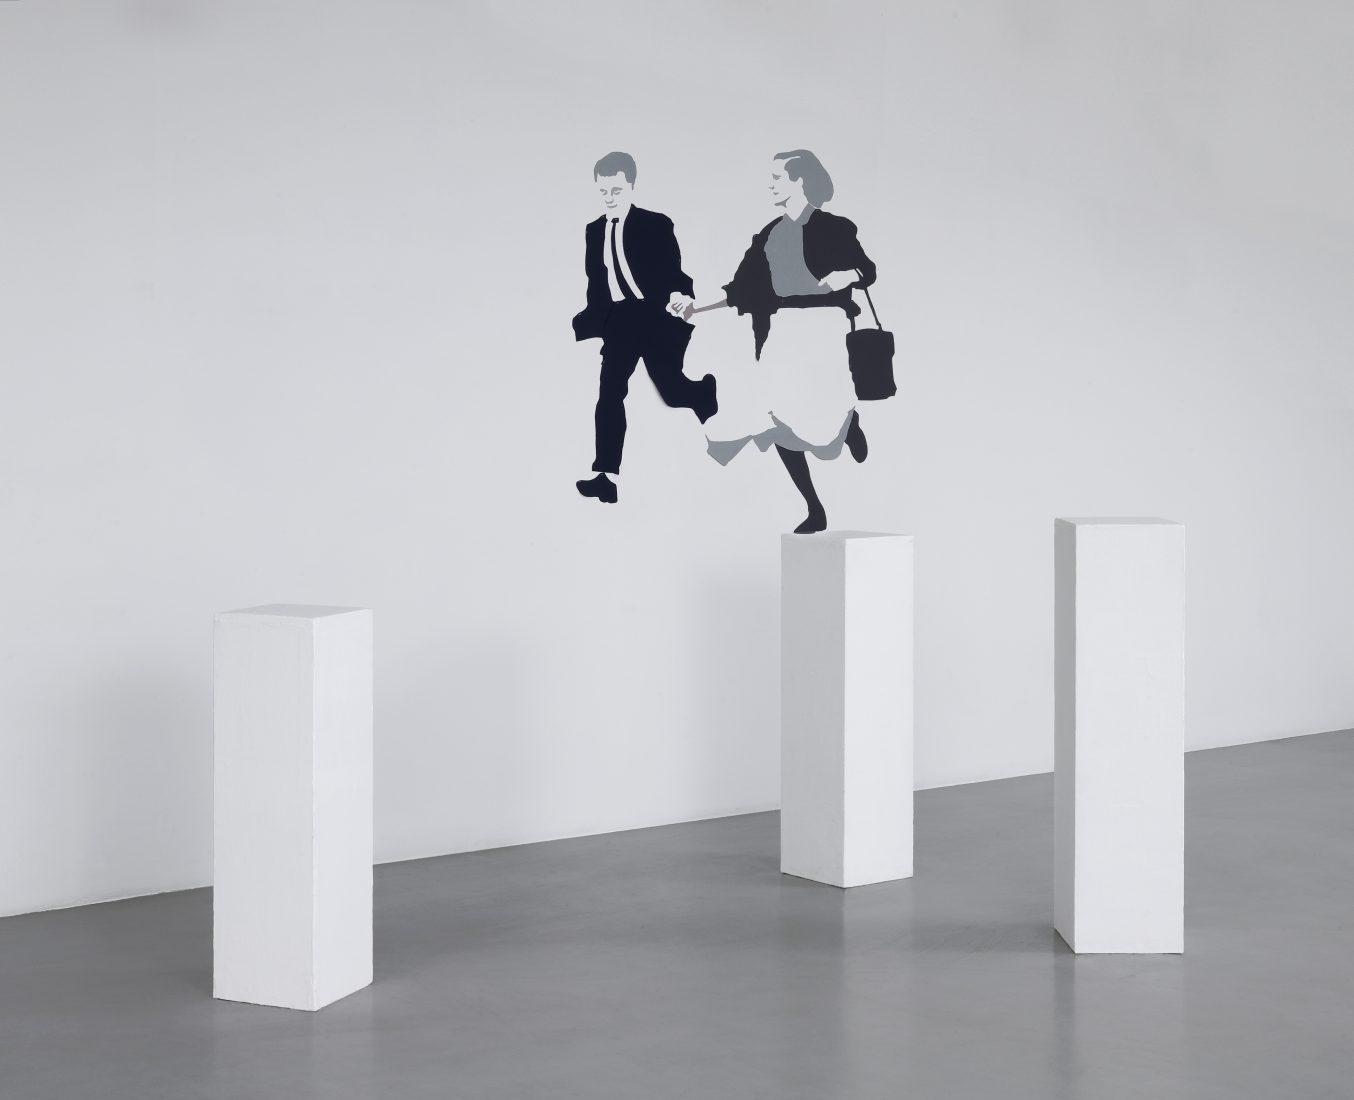 Игор Ешкиня. Пейзаж с две ръце, 2019, дигитален печат върху дибонд, 65 х 80 см